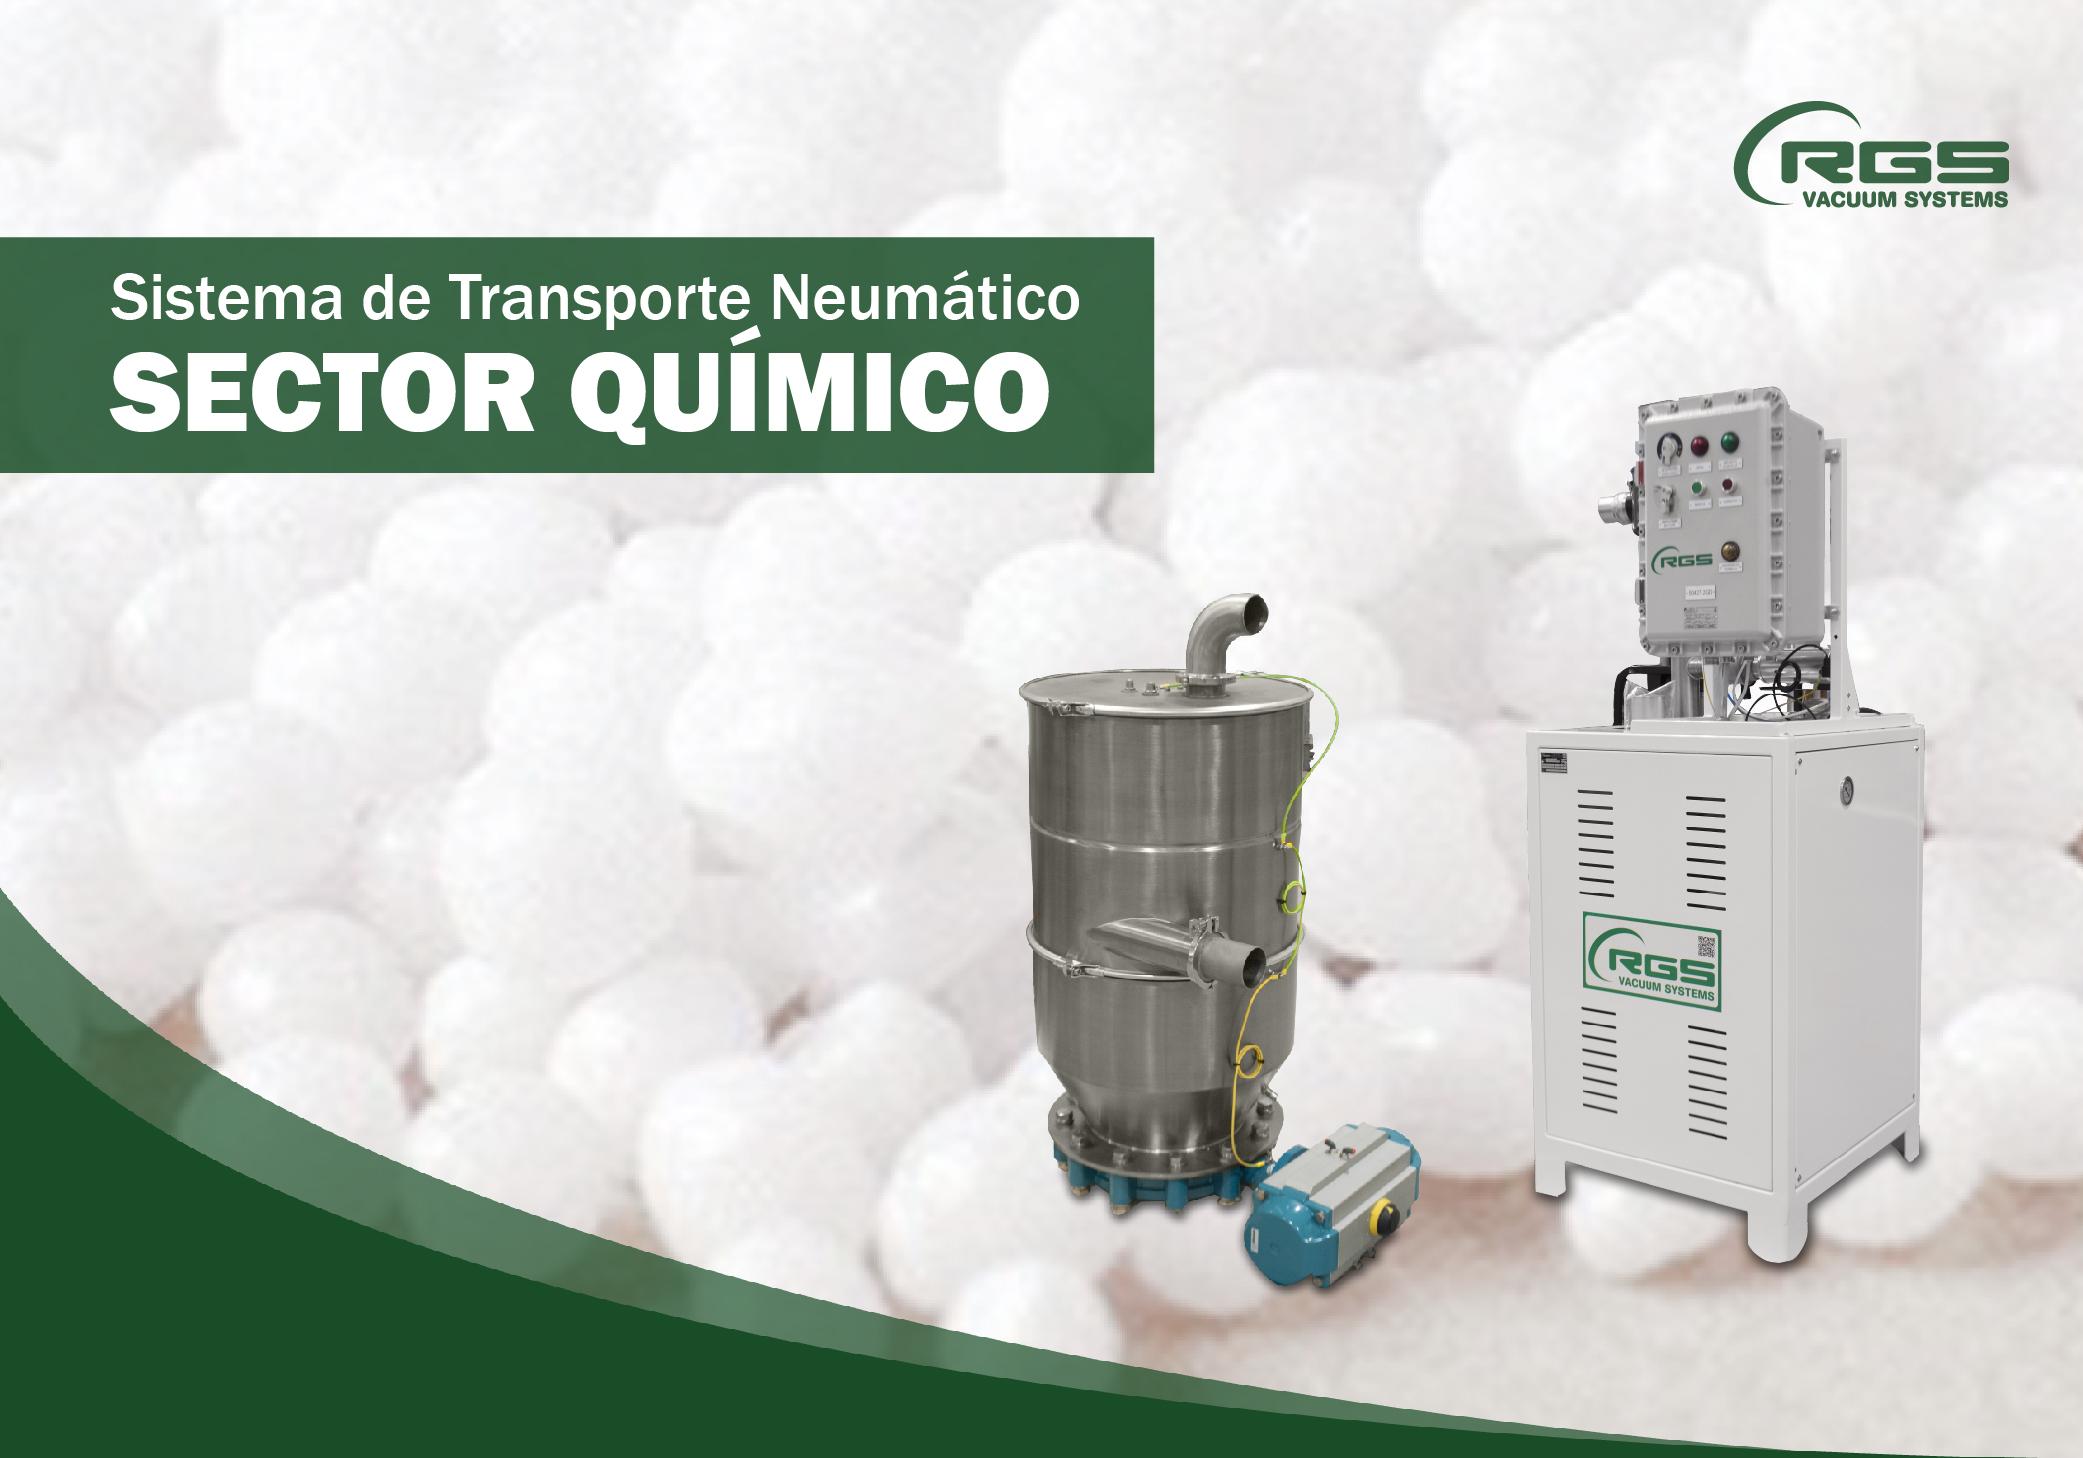 Sistema De Transporte Neumático para el SECTOR QUÍMICO